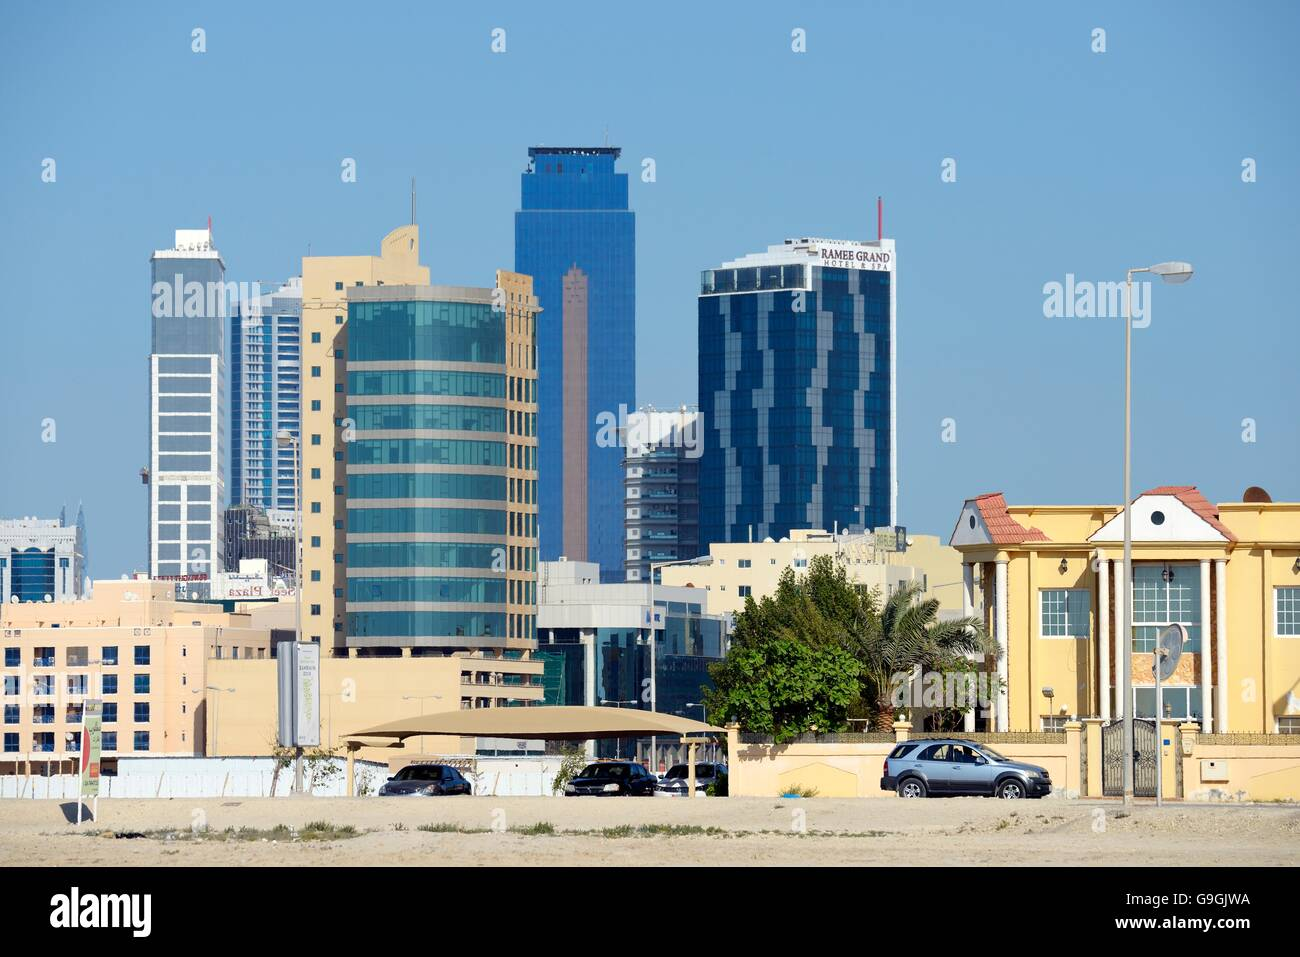 Ramee Grand Hotel Bahrain